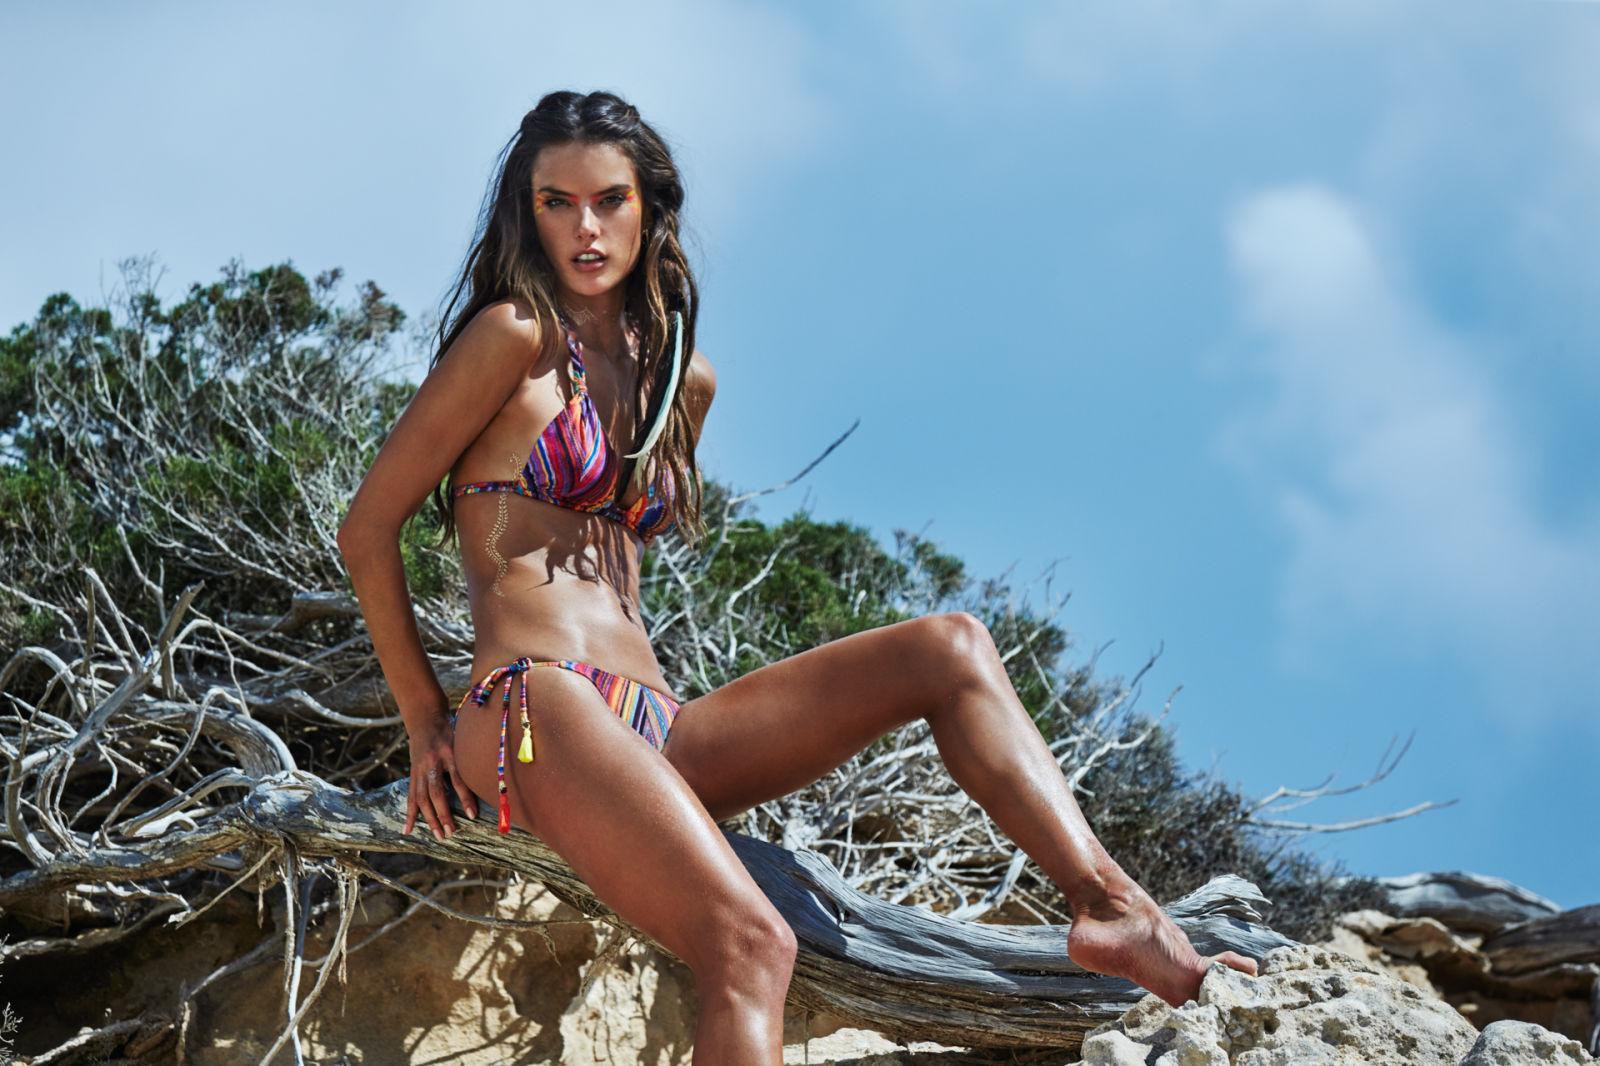 Alessandra-Ambrosio-in-a-Bikini-6